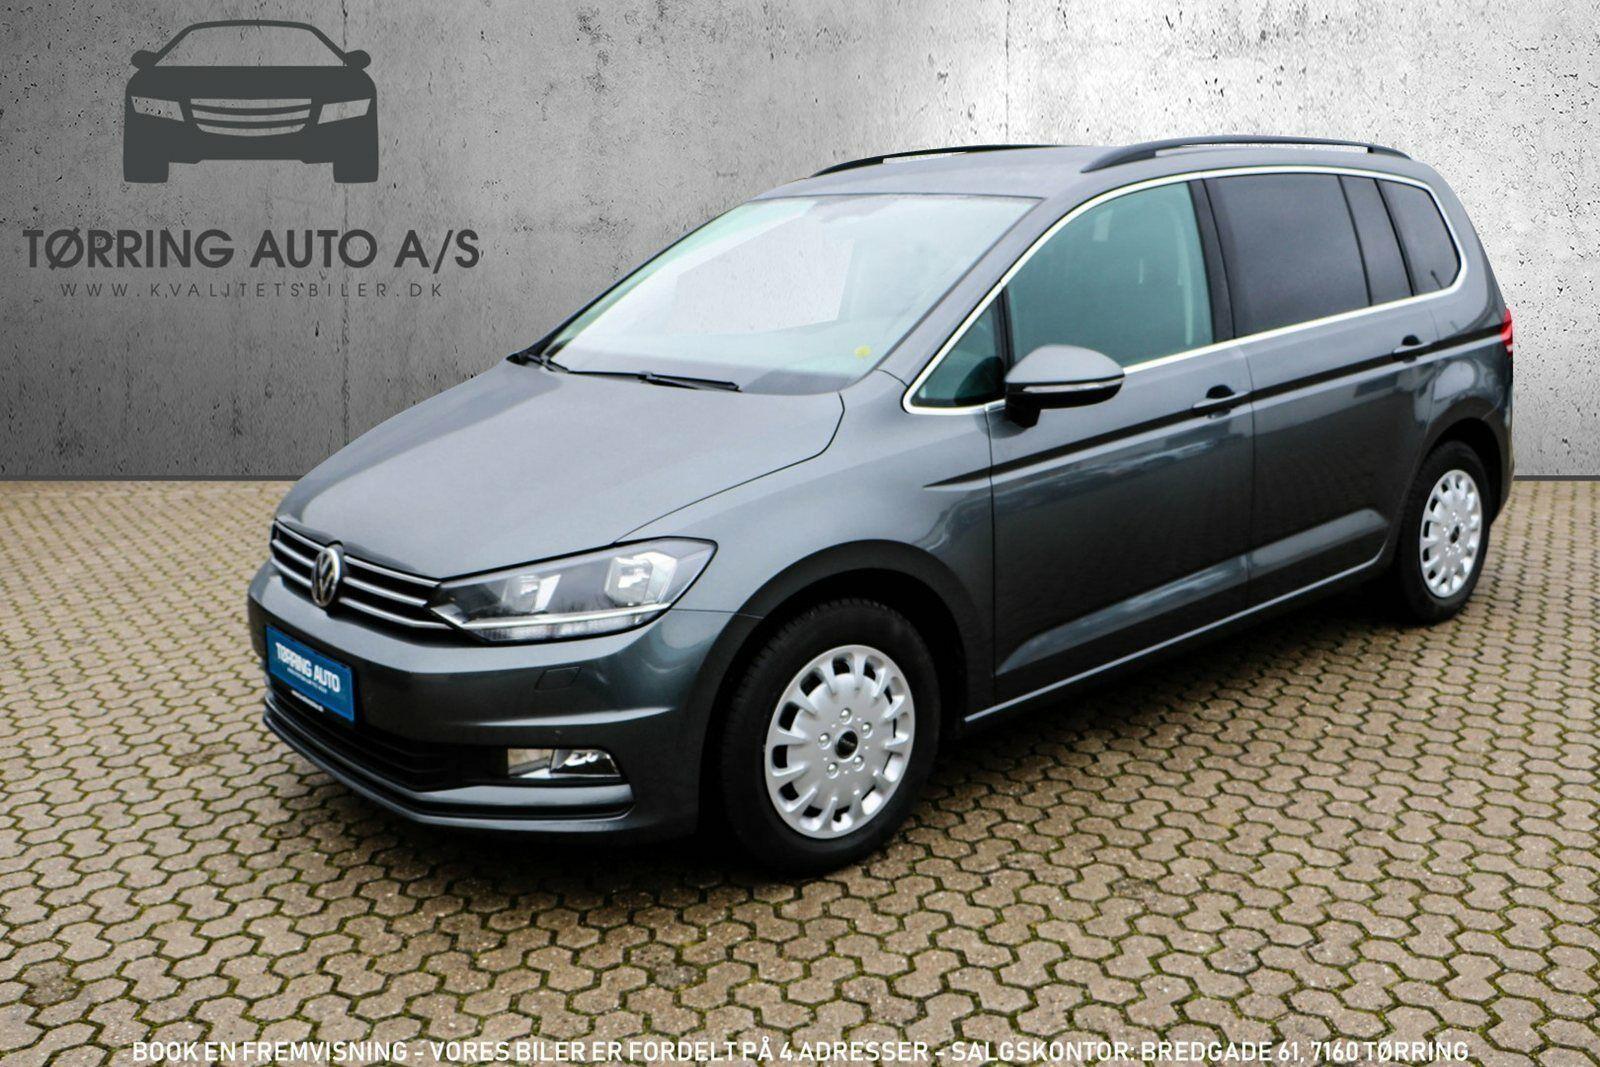 VW Touran 1,4 TSi 150 Comfortline DSG BMT 7p 5d - 304.900 kr.